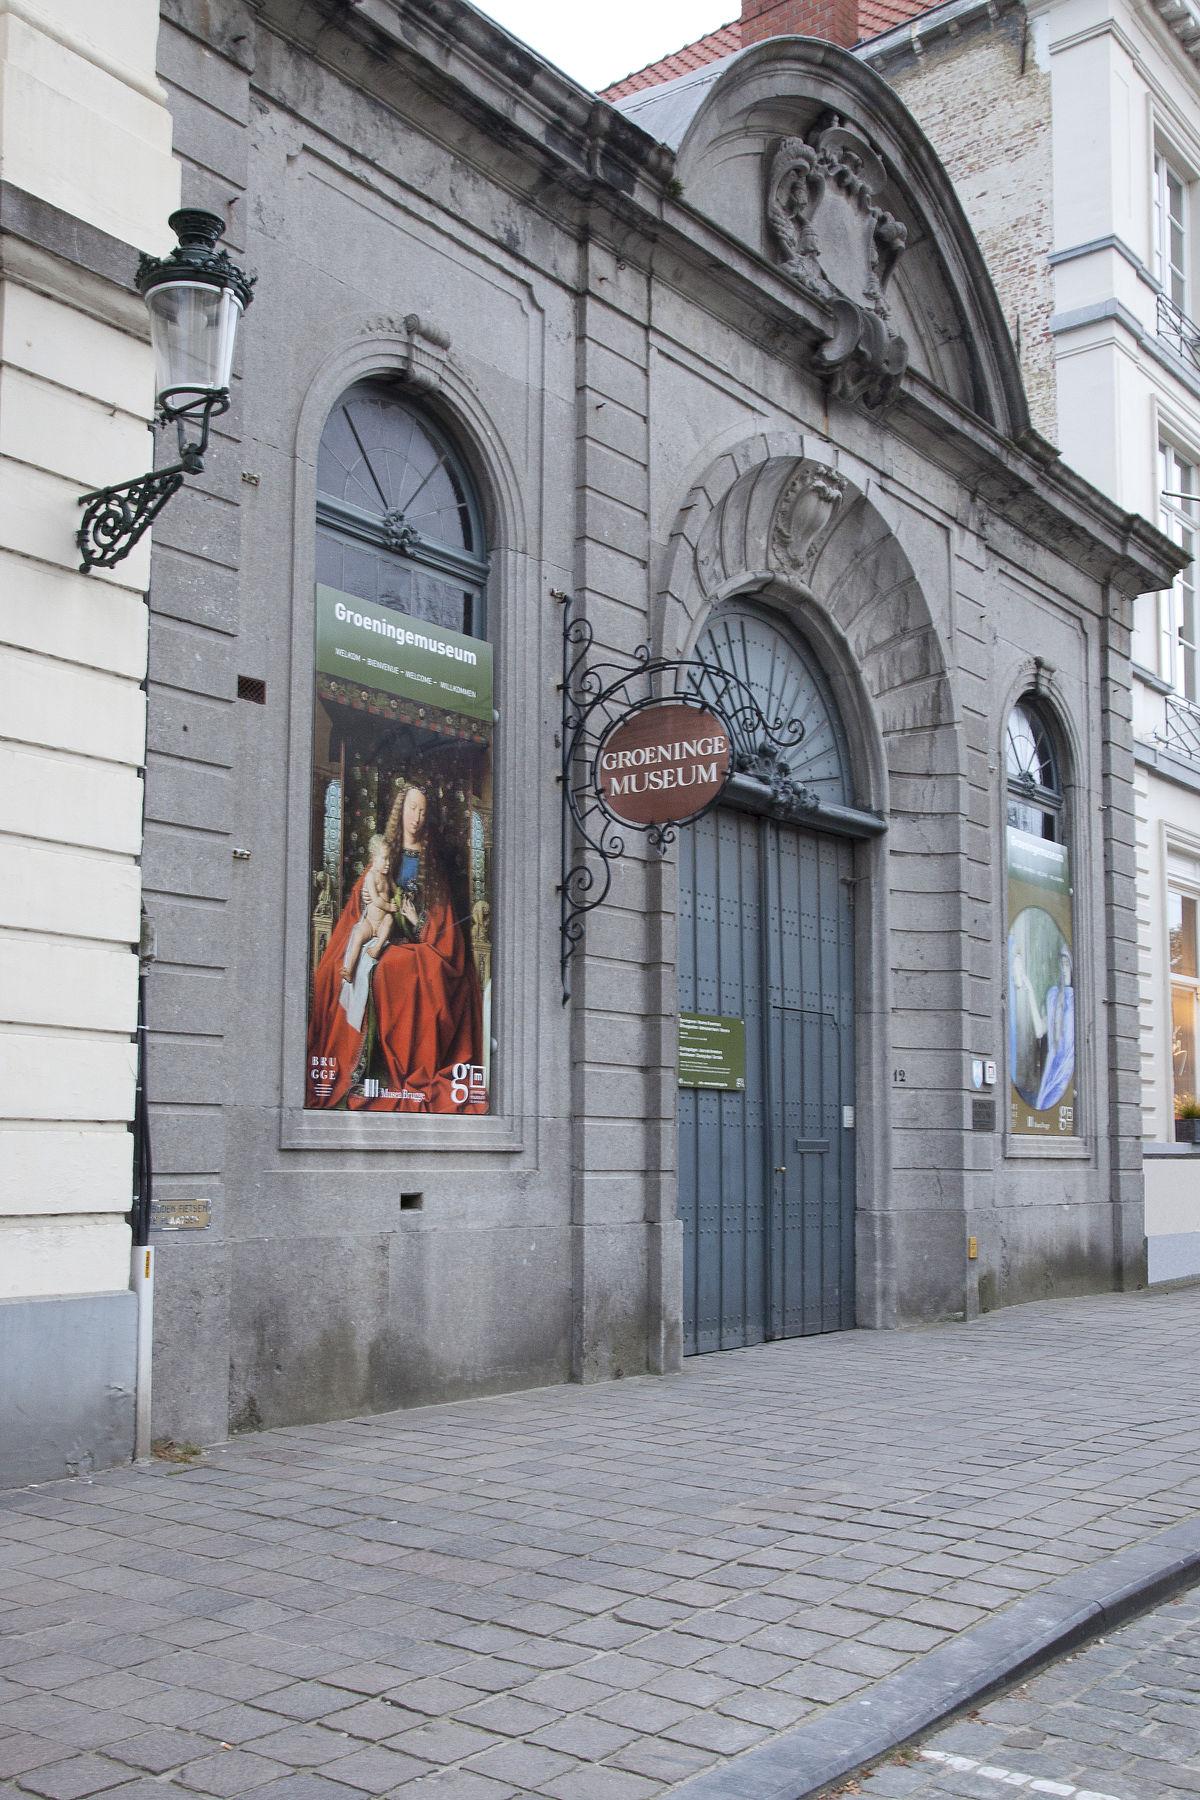 Groeningemuseum - Wikipedia